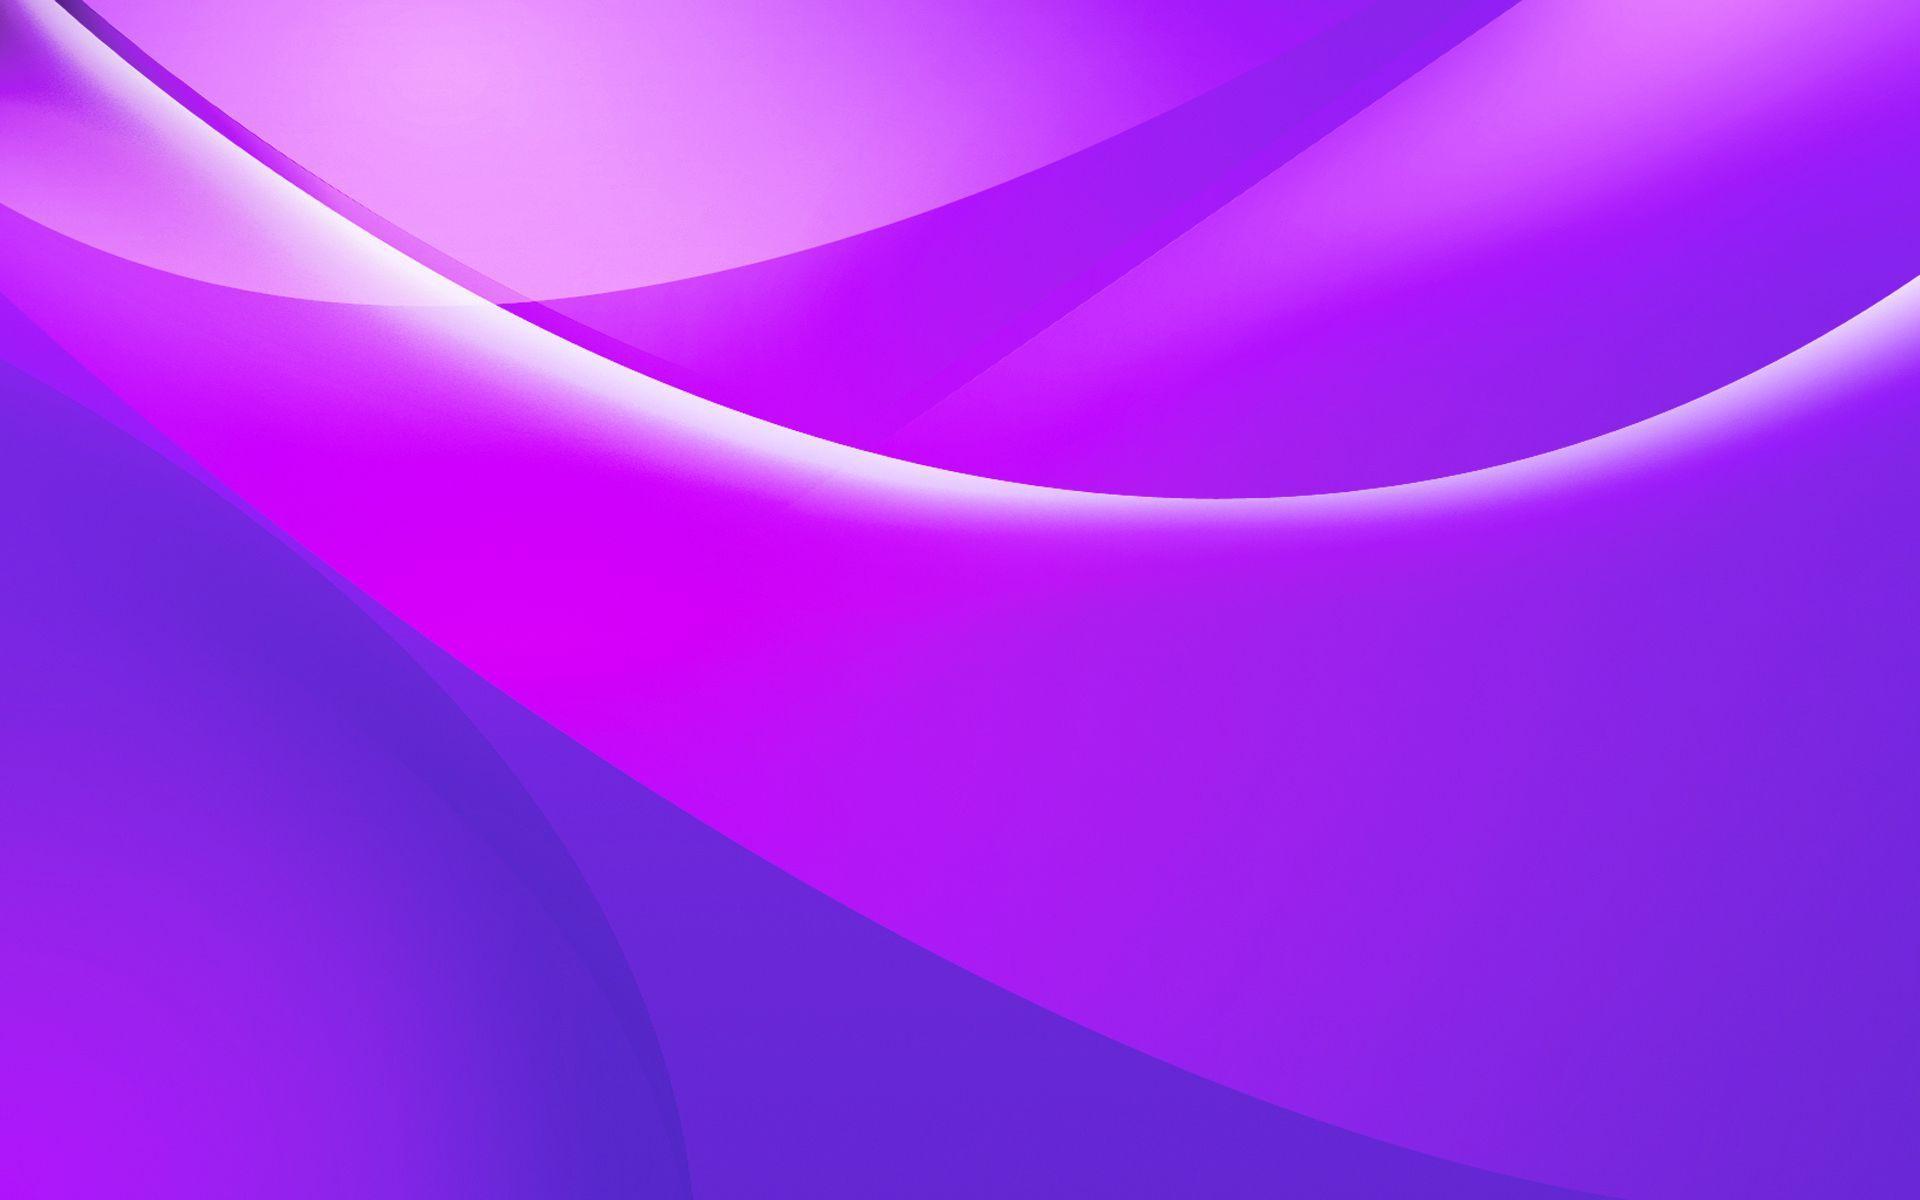 purple neon widow wallpaper - photo #4